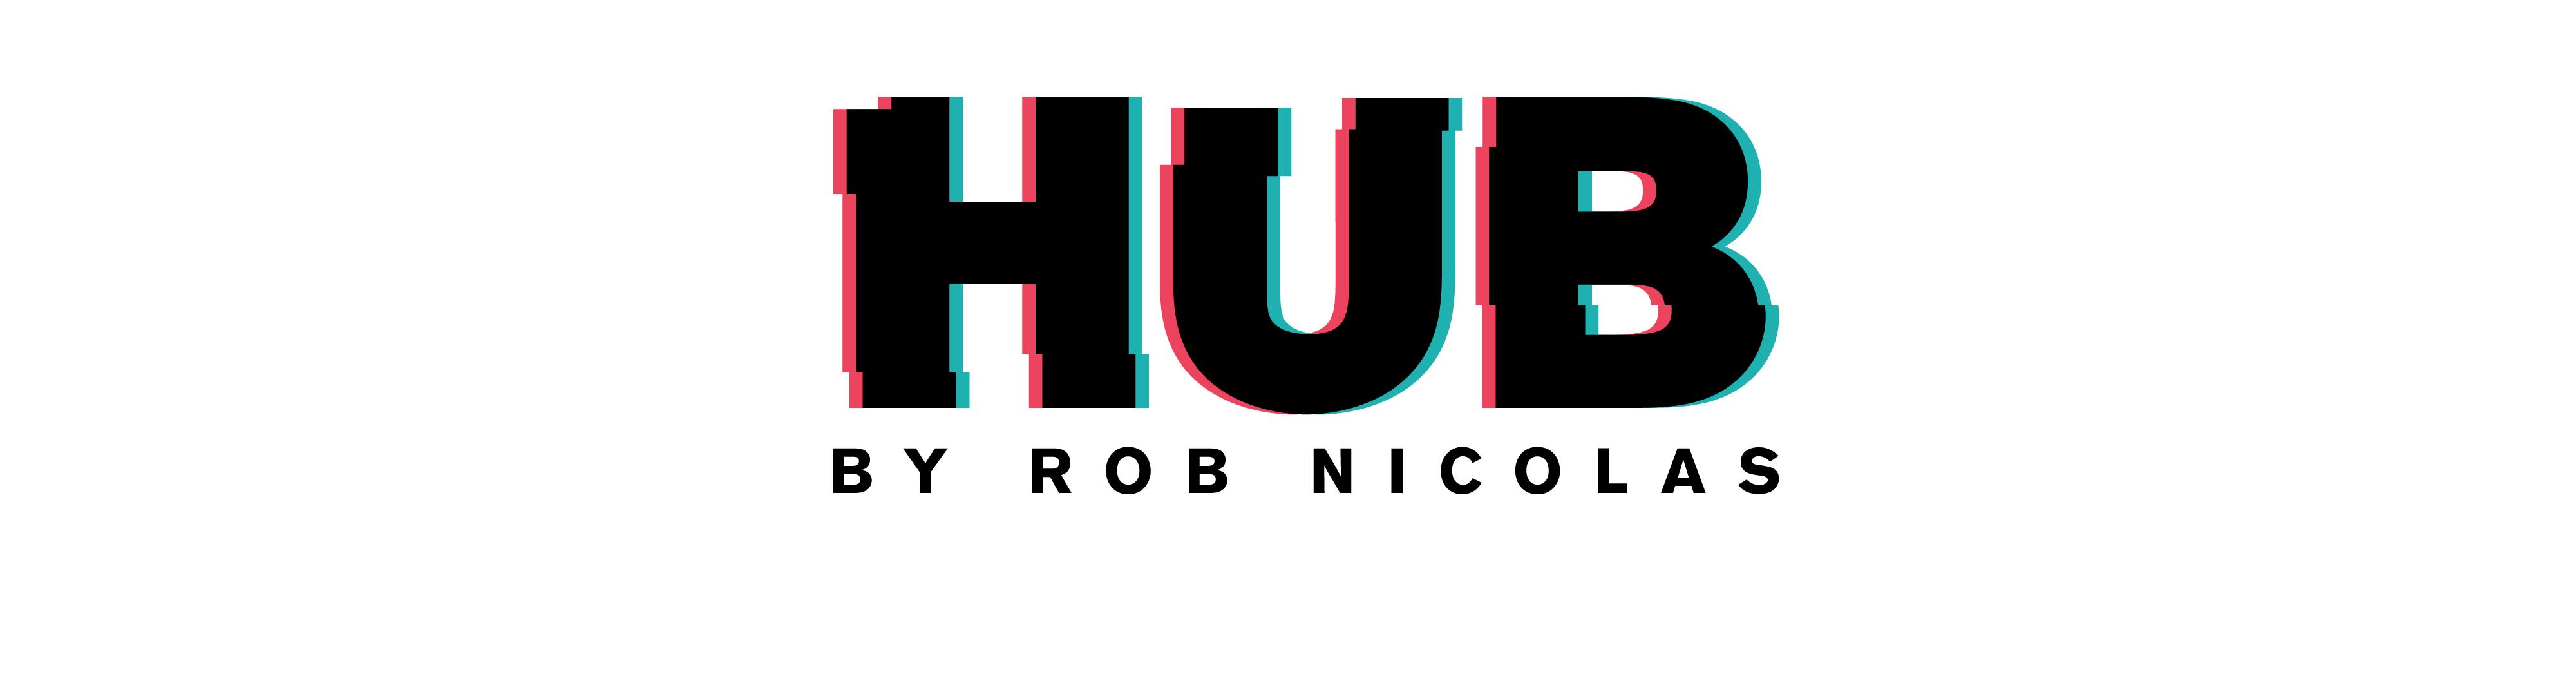 hub-rob-nicolas